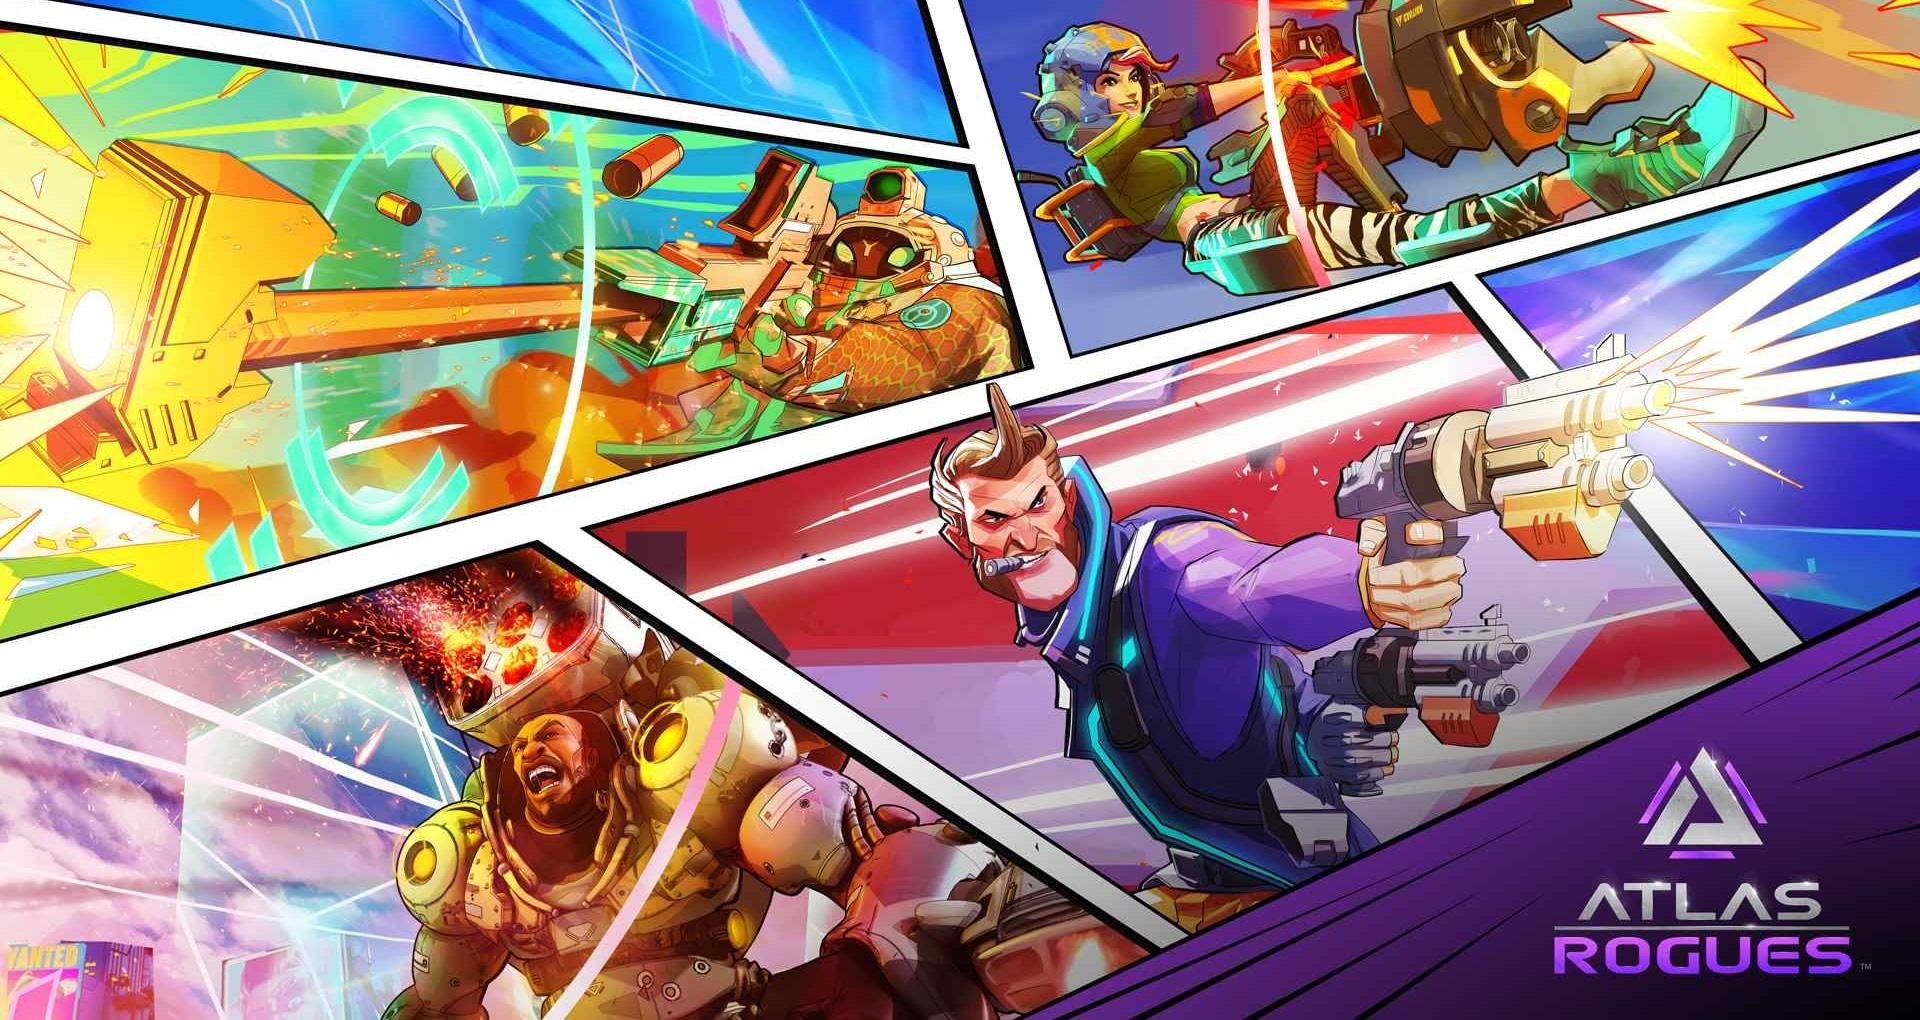 Atlas Rogues   Game recebe atualização importante e inclui uma série de melhorias